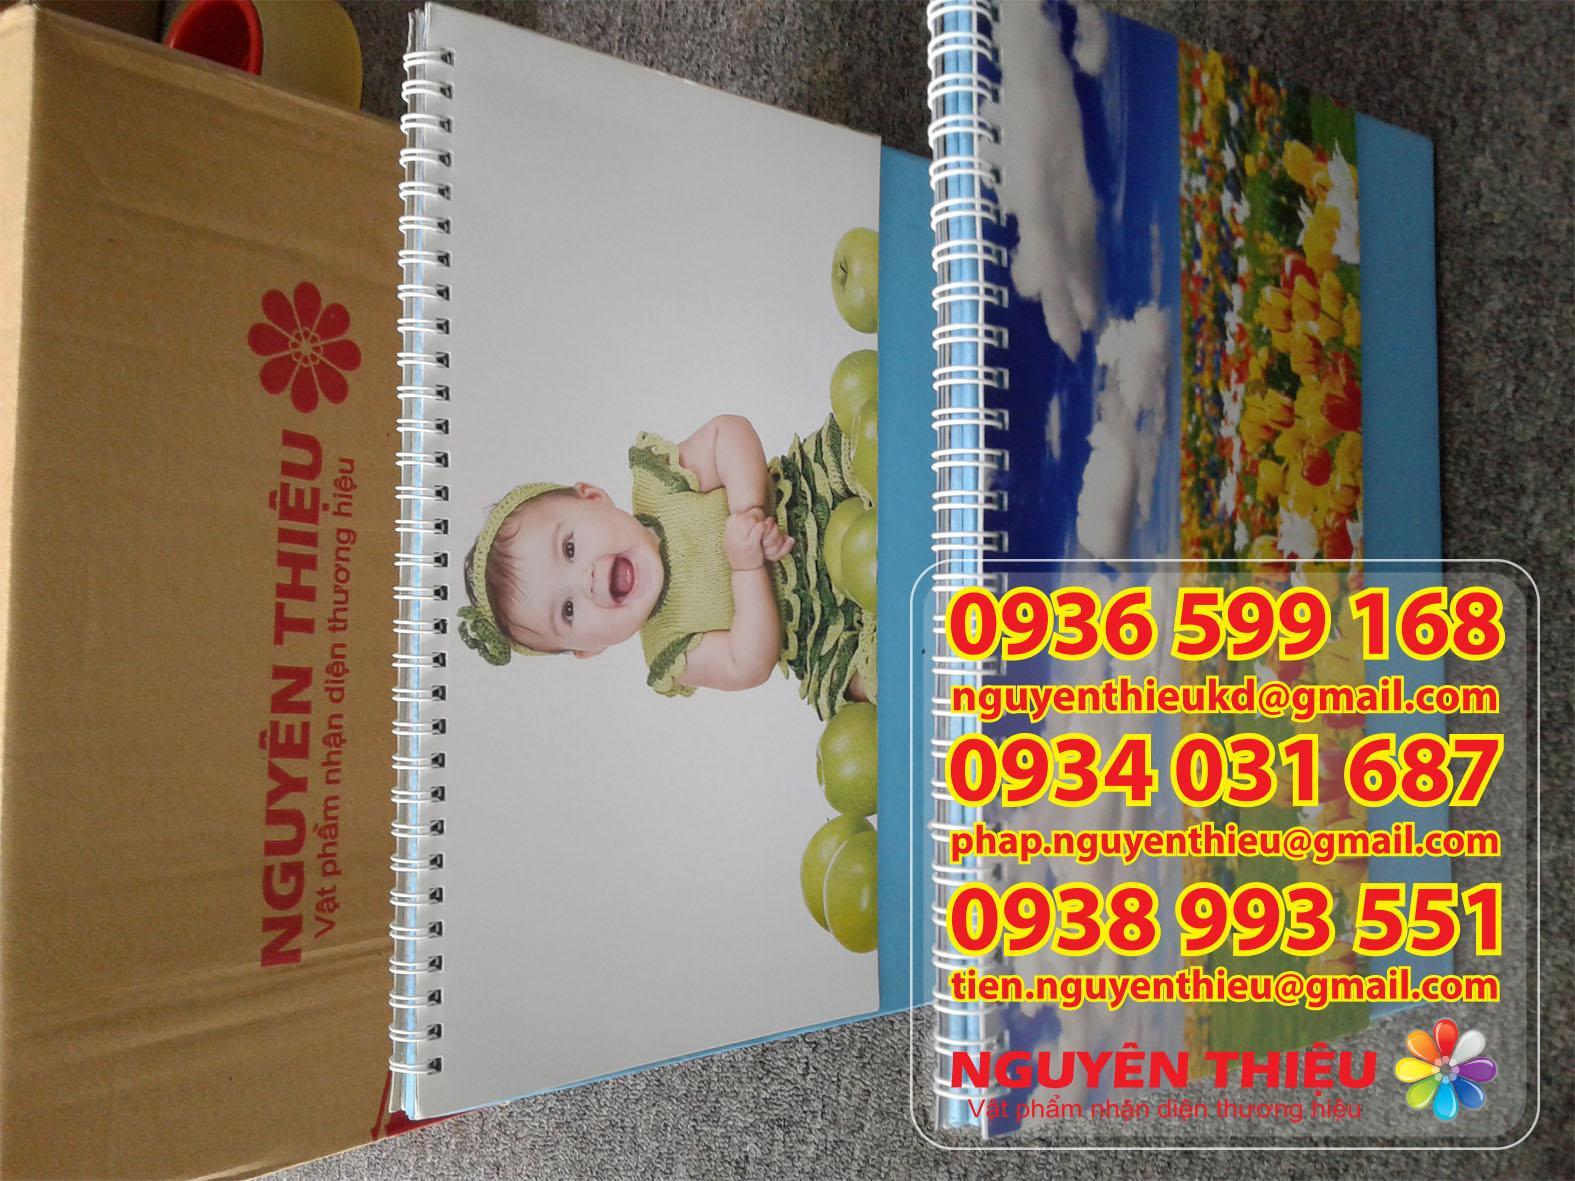 Thiết kế lịch tết theo yêu cầu, cơ sở thiết kế in lịch tết quảng cáo, địa chỉ in lịch tết quảng cáo uy tín